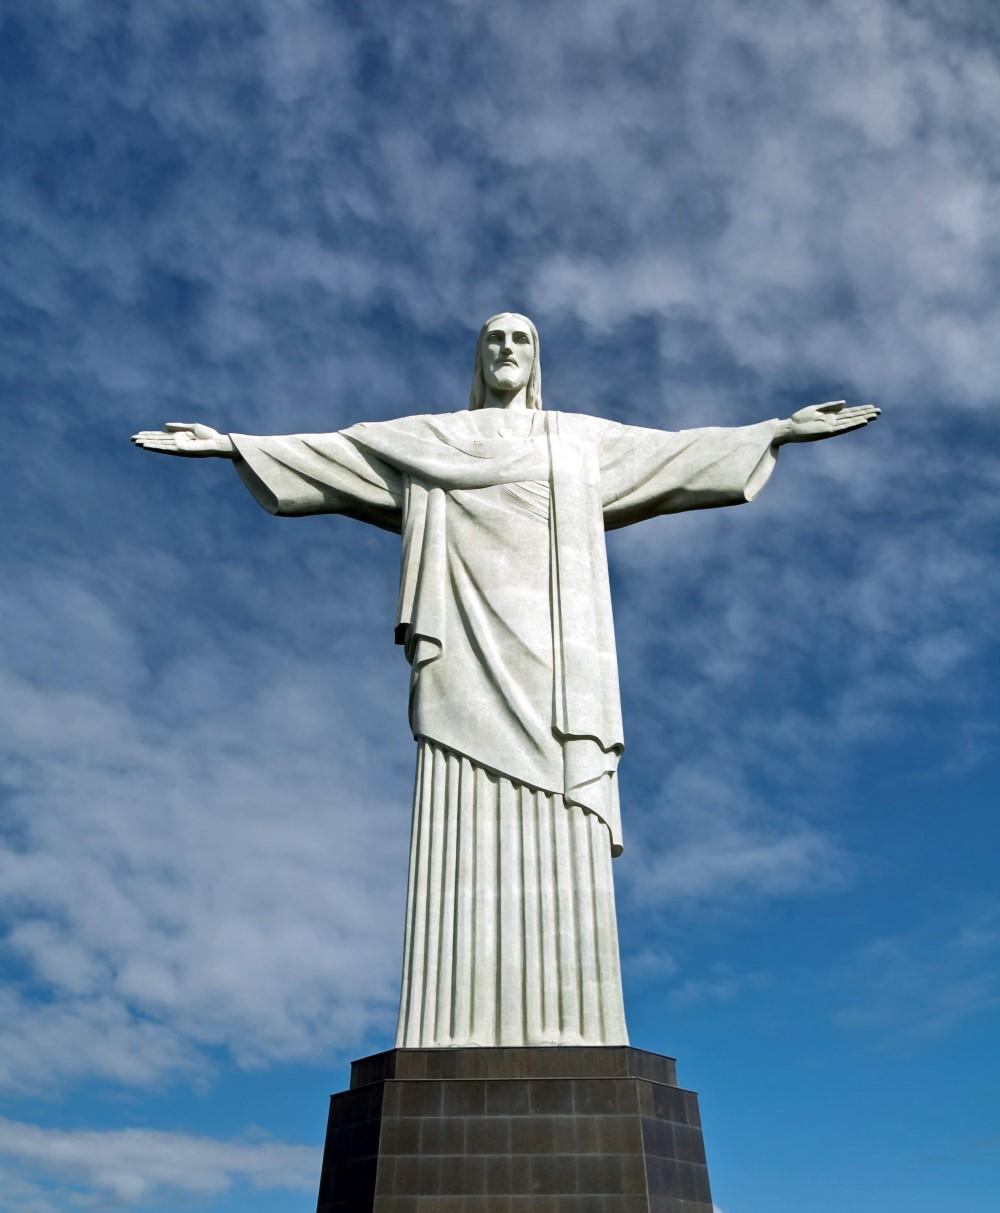 Dix Chefs-d'œuvre colossales - STATUE DU CHRIST RÉDEMPTEUR Brésil